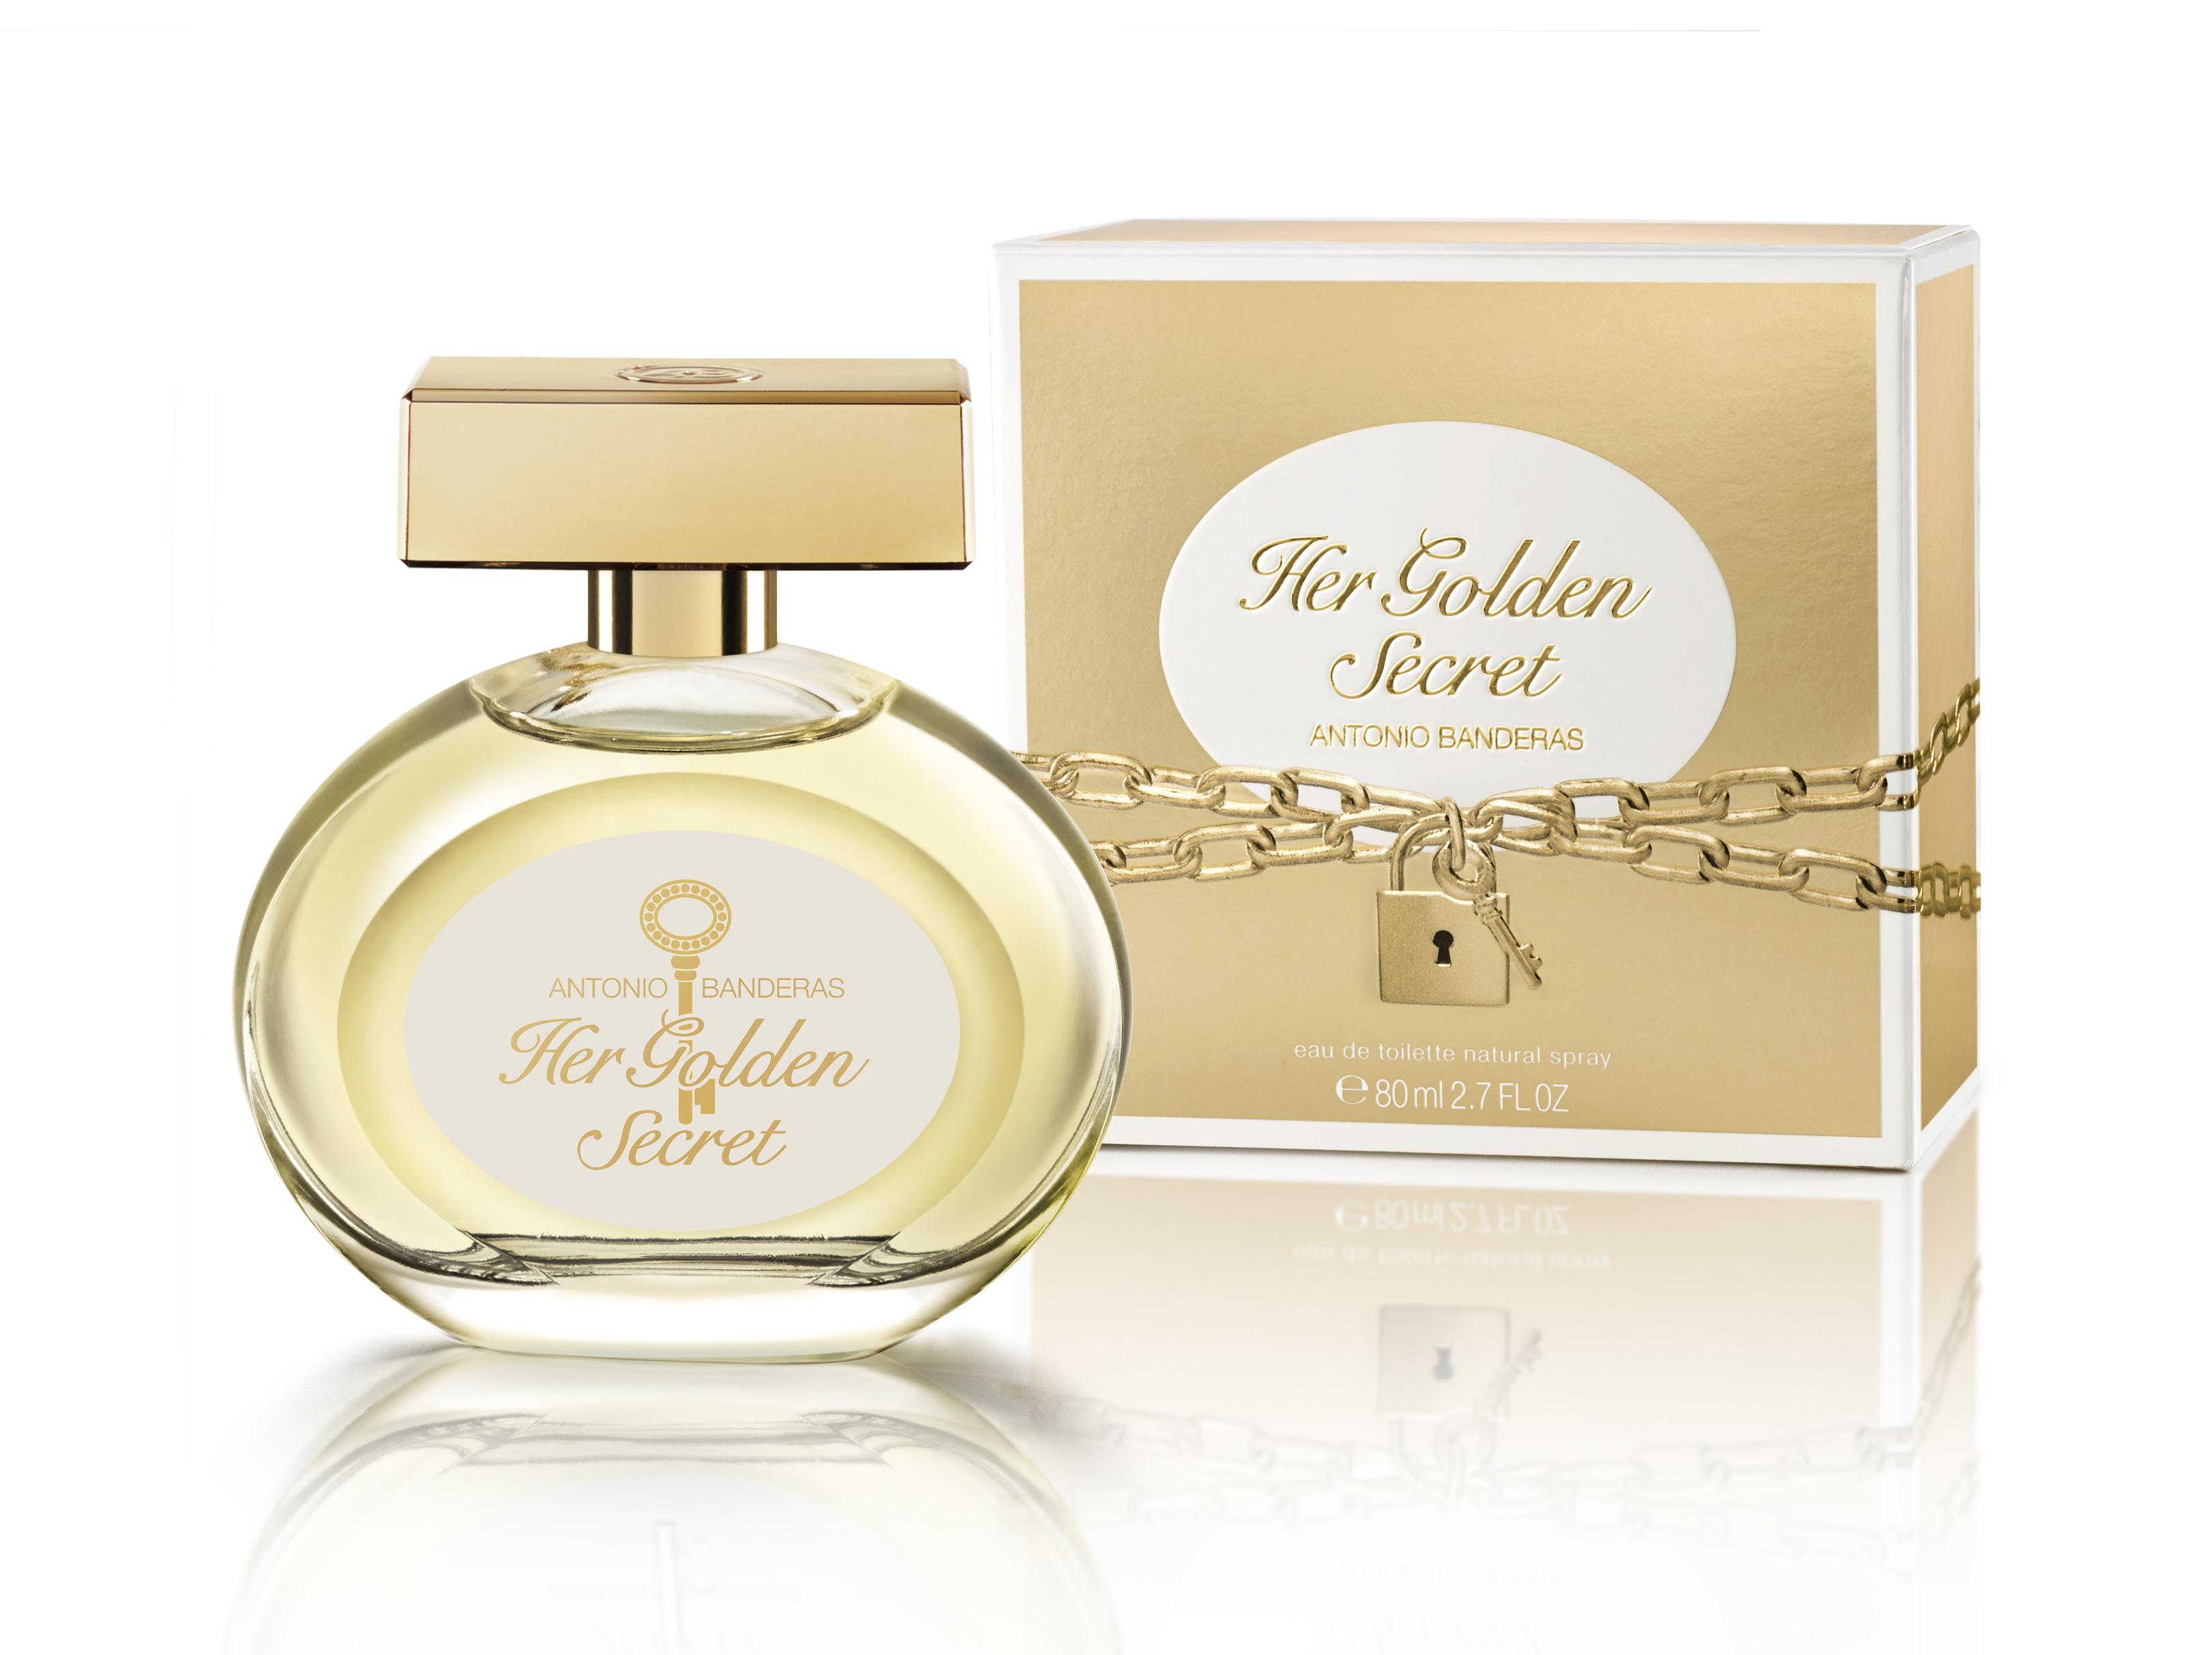 Antonio Banderas Туалетная вода Her Golden Secret, 50 мл туалетная вода antonio banderas her golden secret